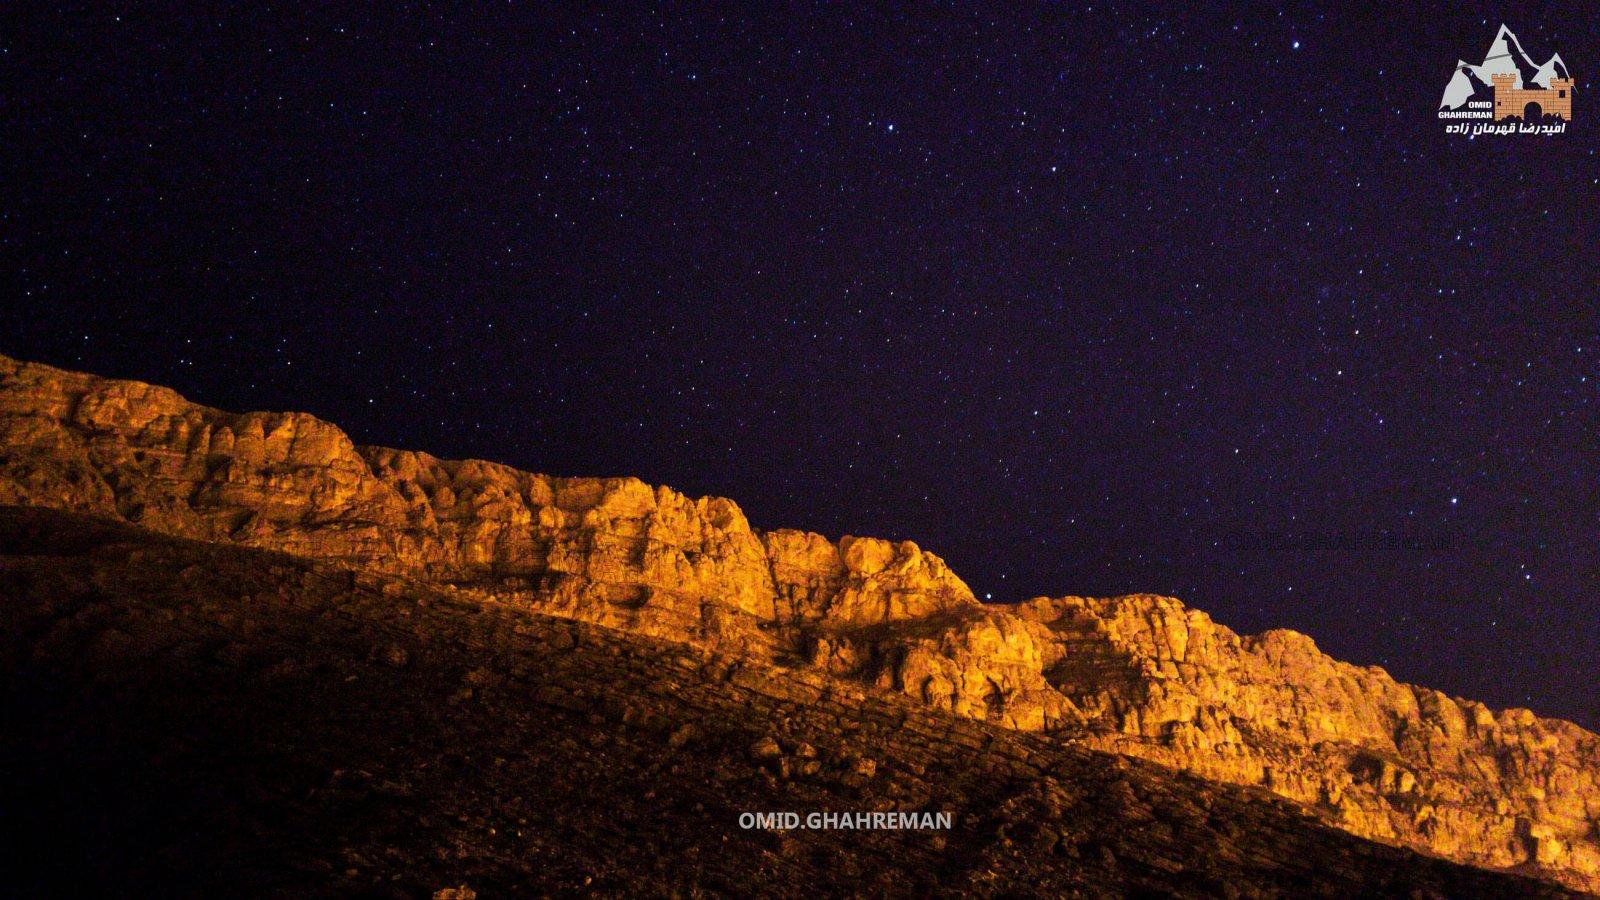 شب و ستاره ها در کوهستان های ماکو